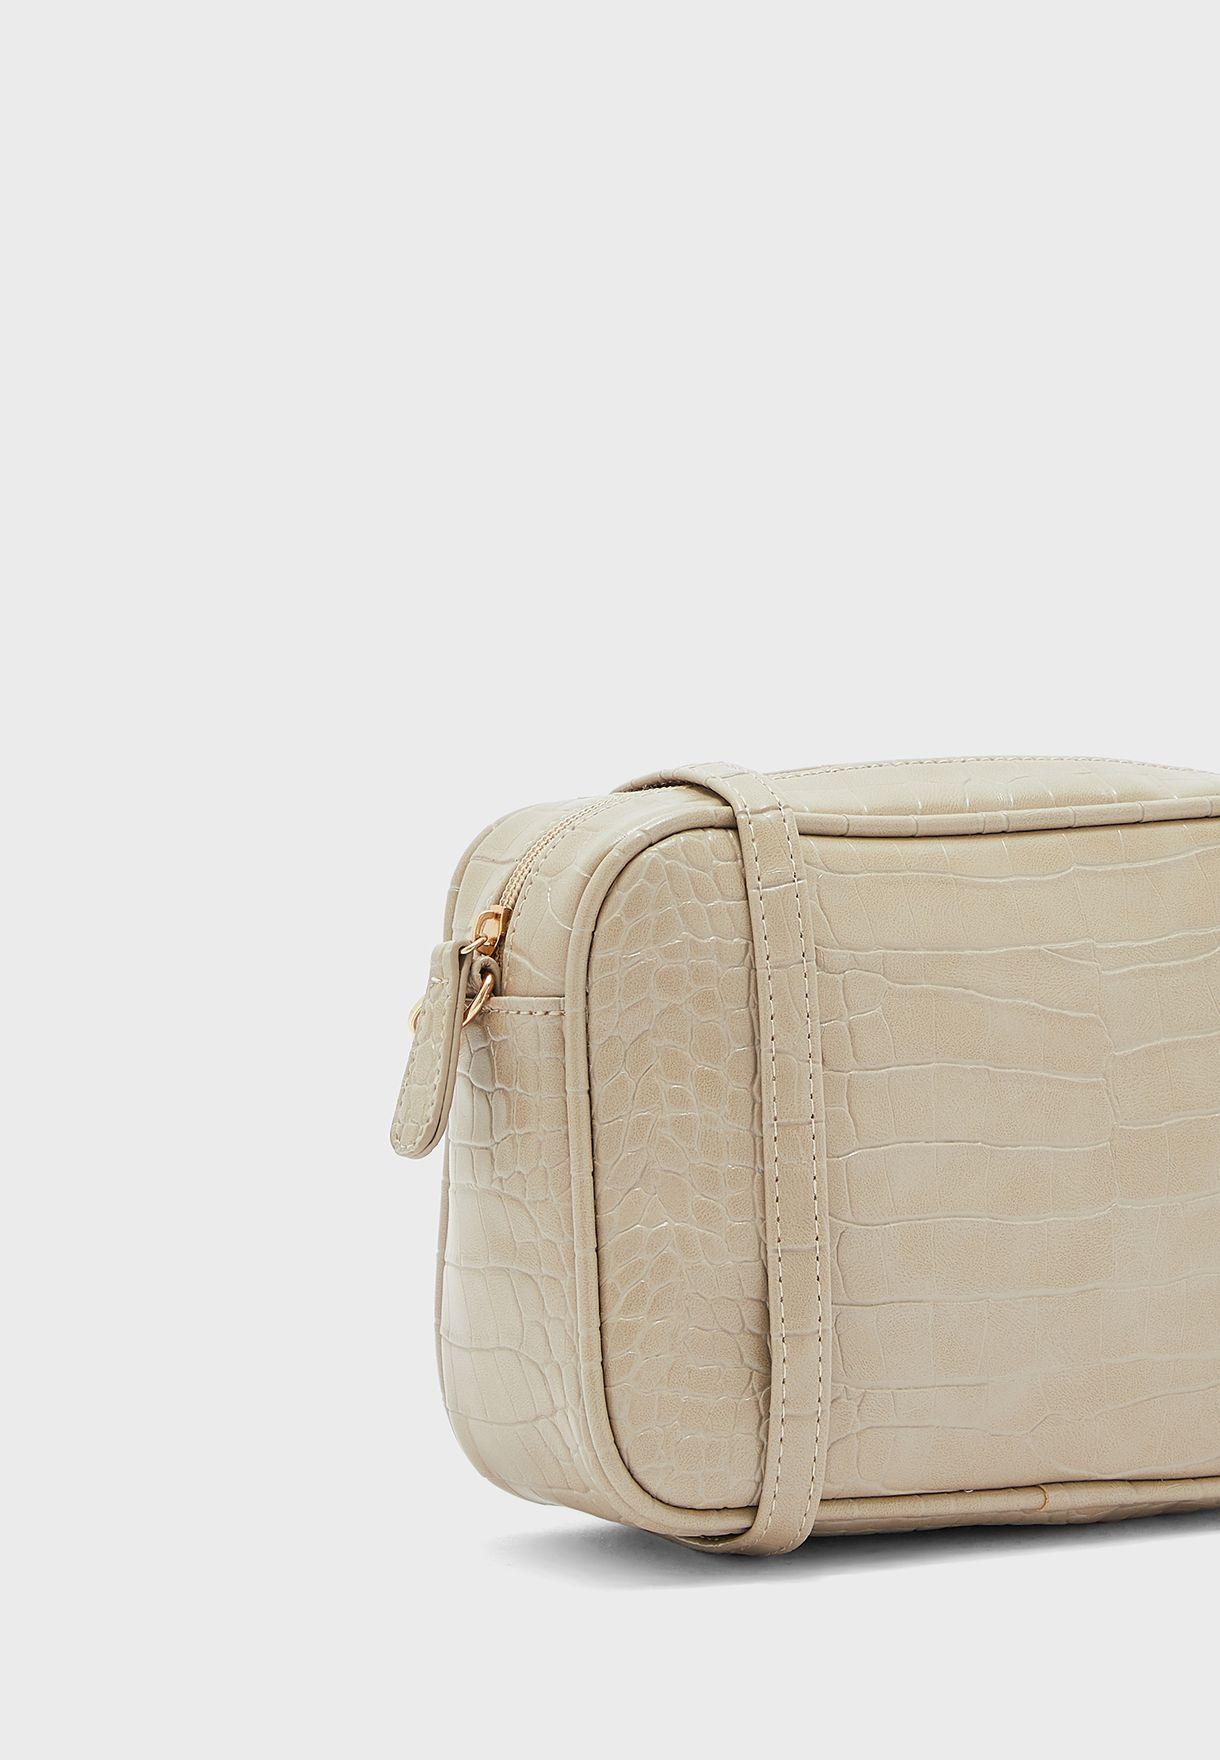 Croc Texture Crossbody Camera Bag